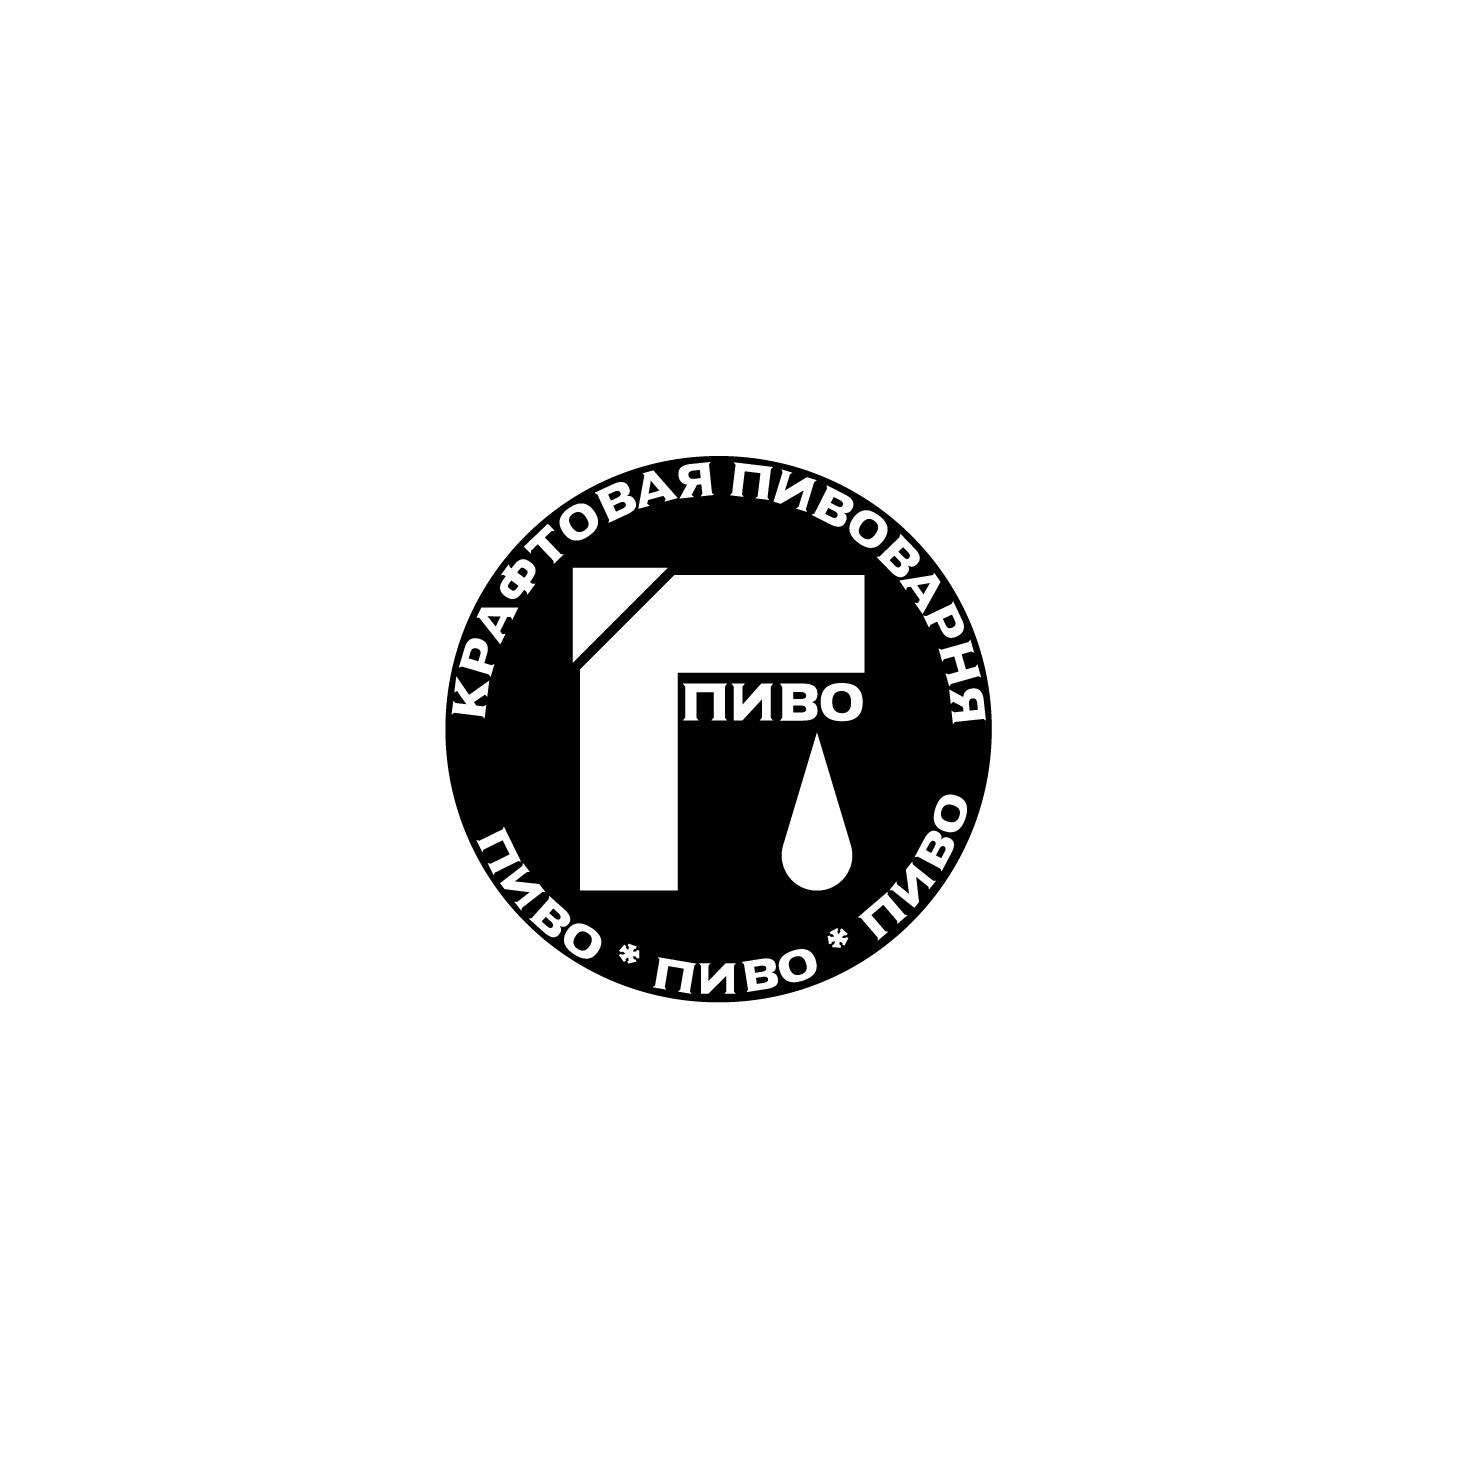 Логотип для Крафтовой Пивоварни фото f_5695cb204606f9ff.jpg